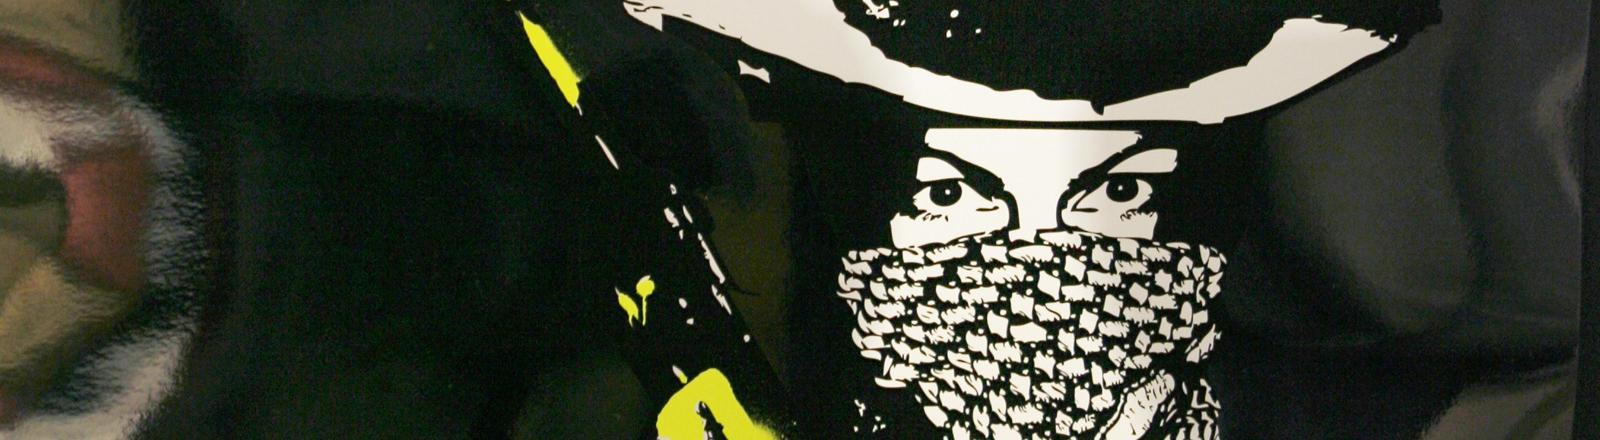 """Gäste der Vernissage zur Ausstellung des """"Tomi Ungerer Festivals der Zeichner"""" in der Galerie Springmann in Freiburg spiegeln sich am Dienstag (25.11.2008) in der Grafik """" Who killed bambi?"""" des Küntlers Stefan Strumbel."""